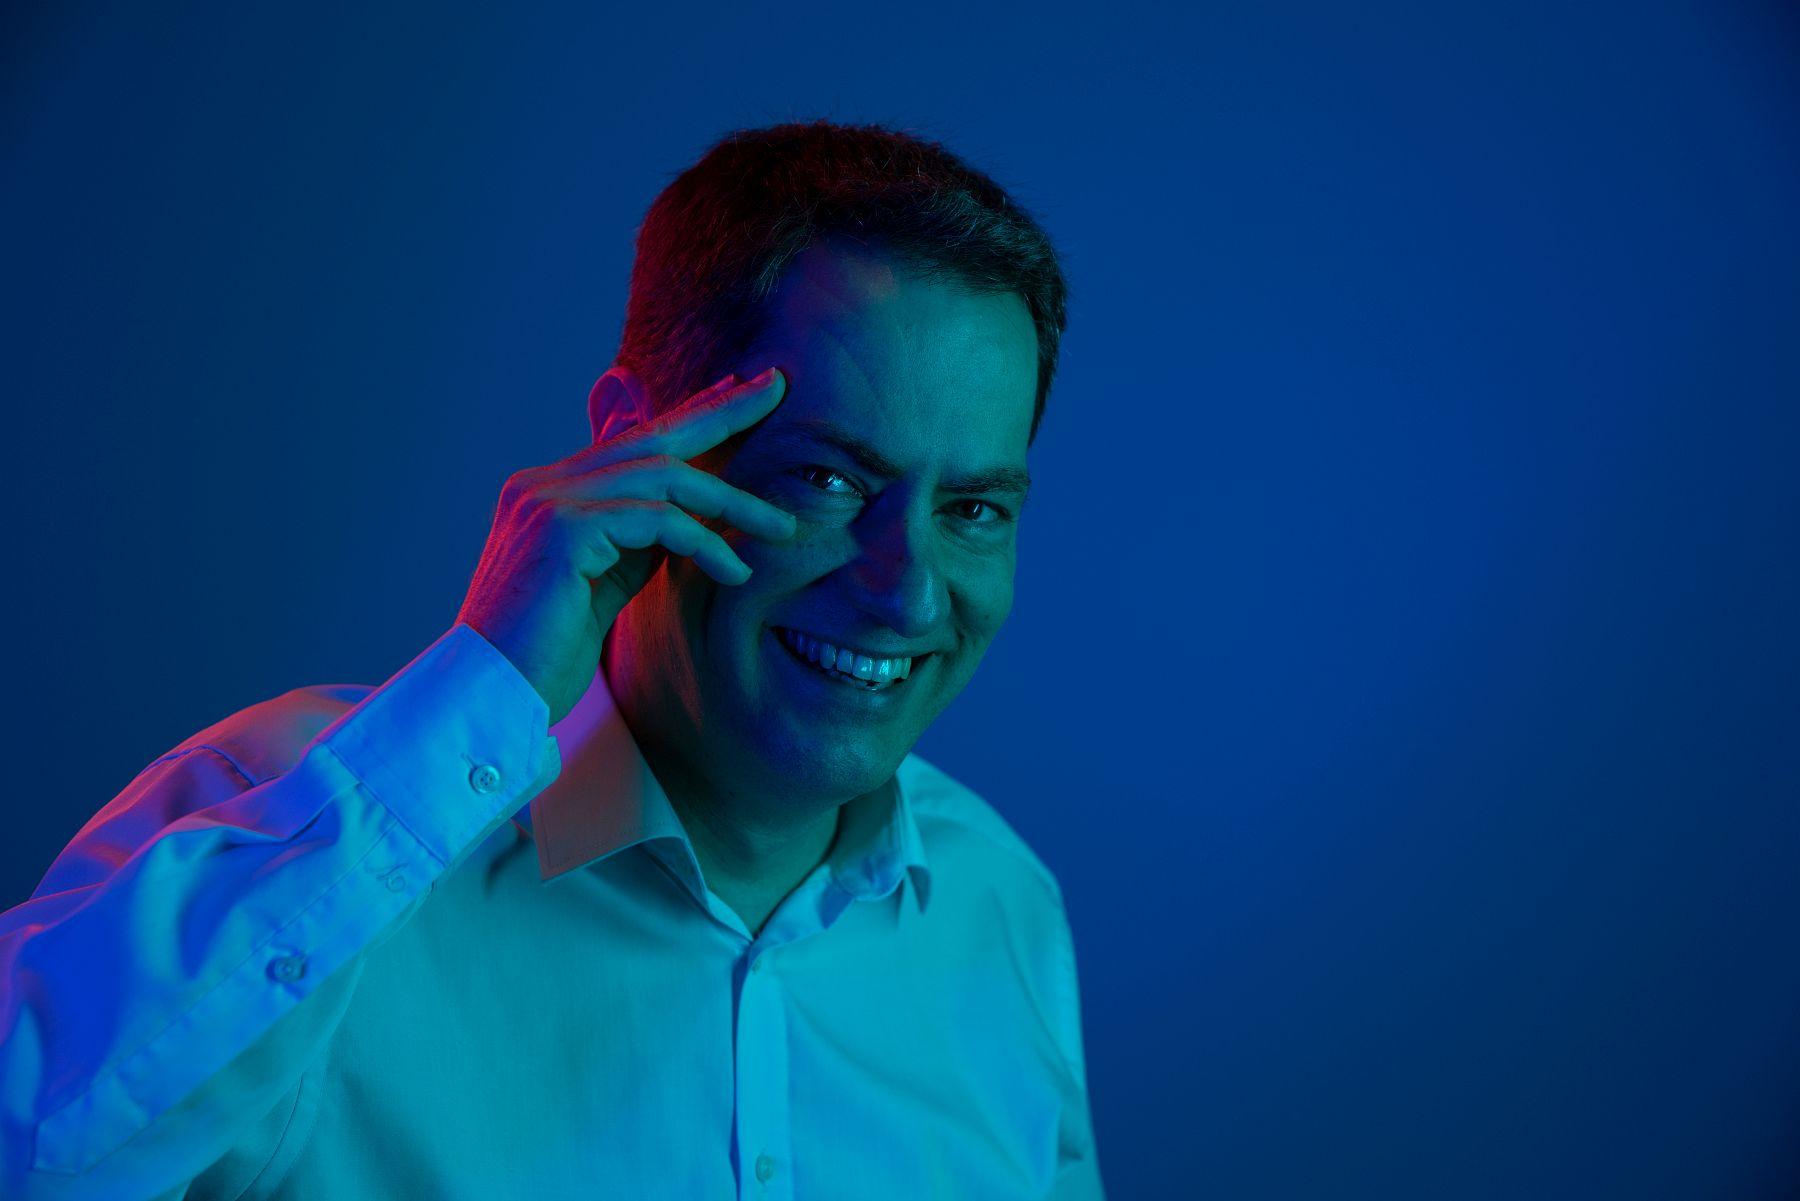 Thomas Wagner, VR coaster, CEO, yulllbe